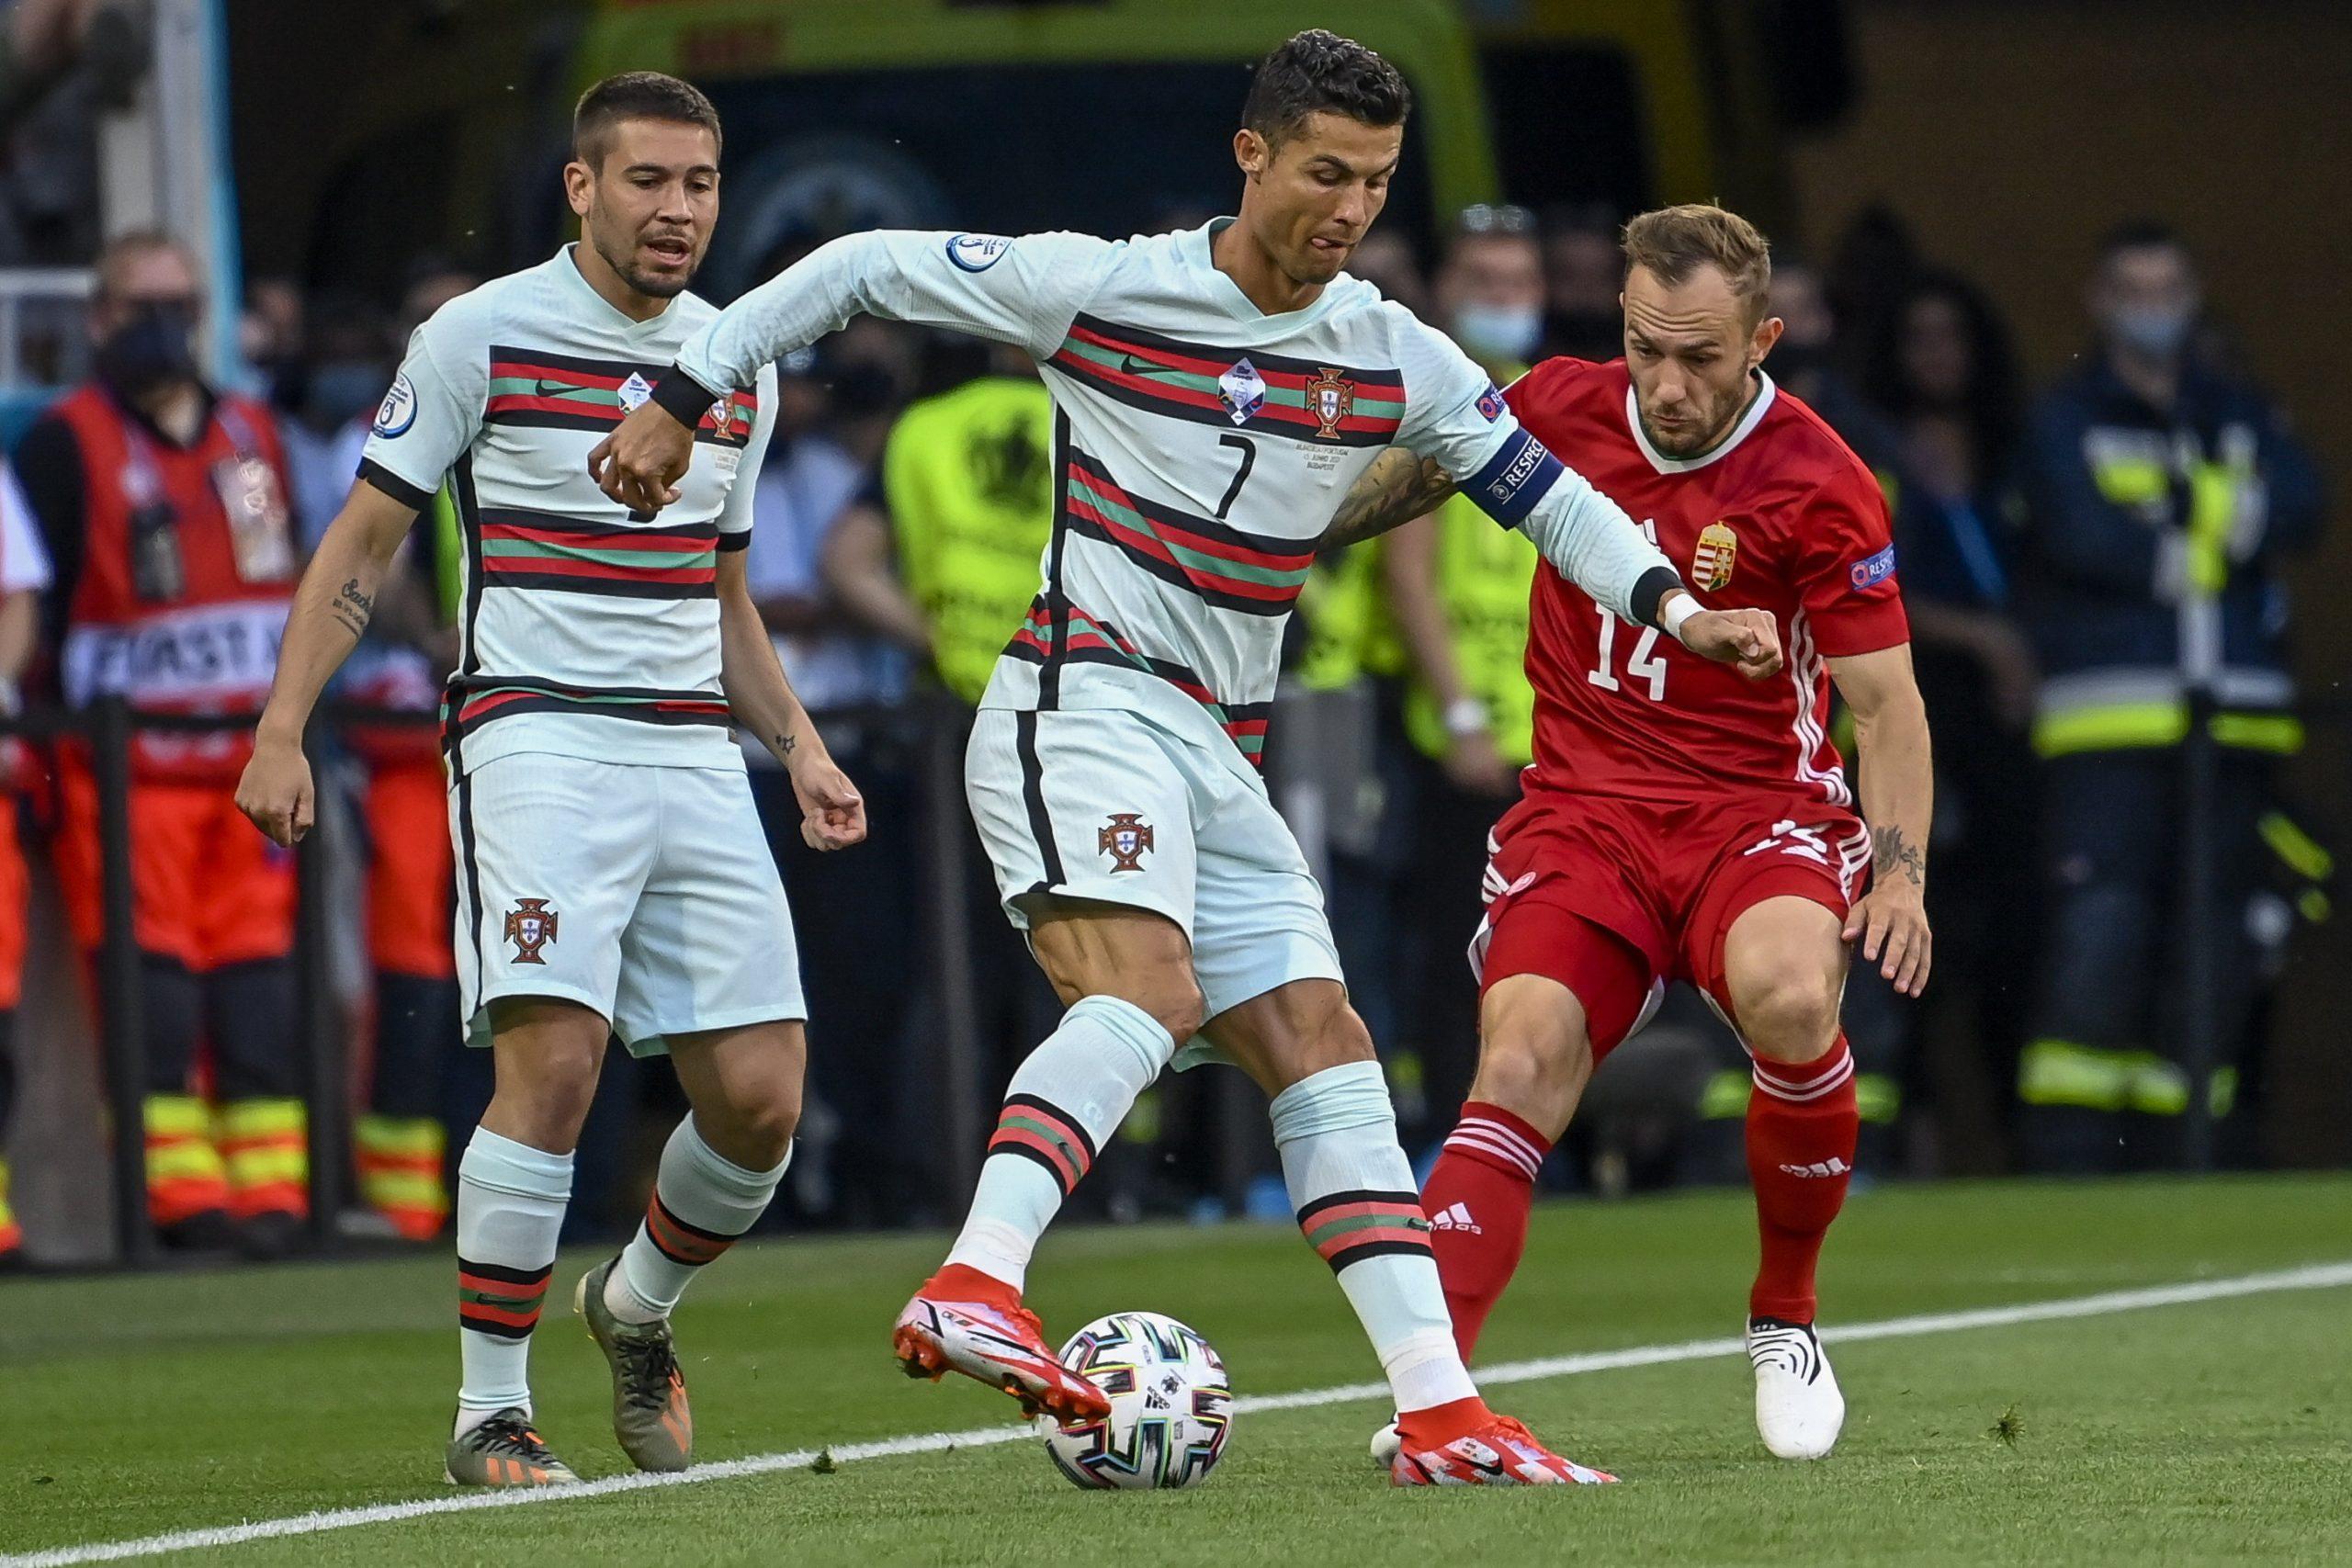 Der Traum dauerte 84 Minuten: Ungarn unterlag Titelverteidiger Portugal 0-3